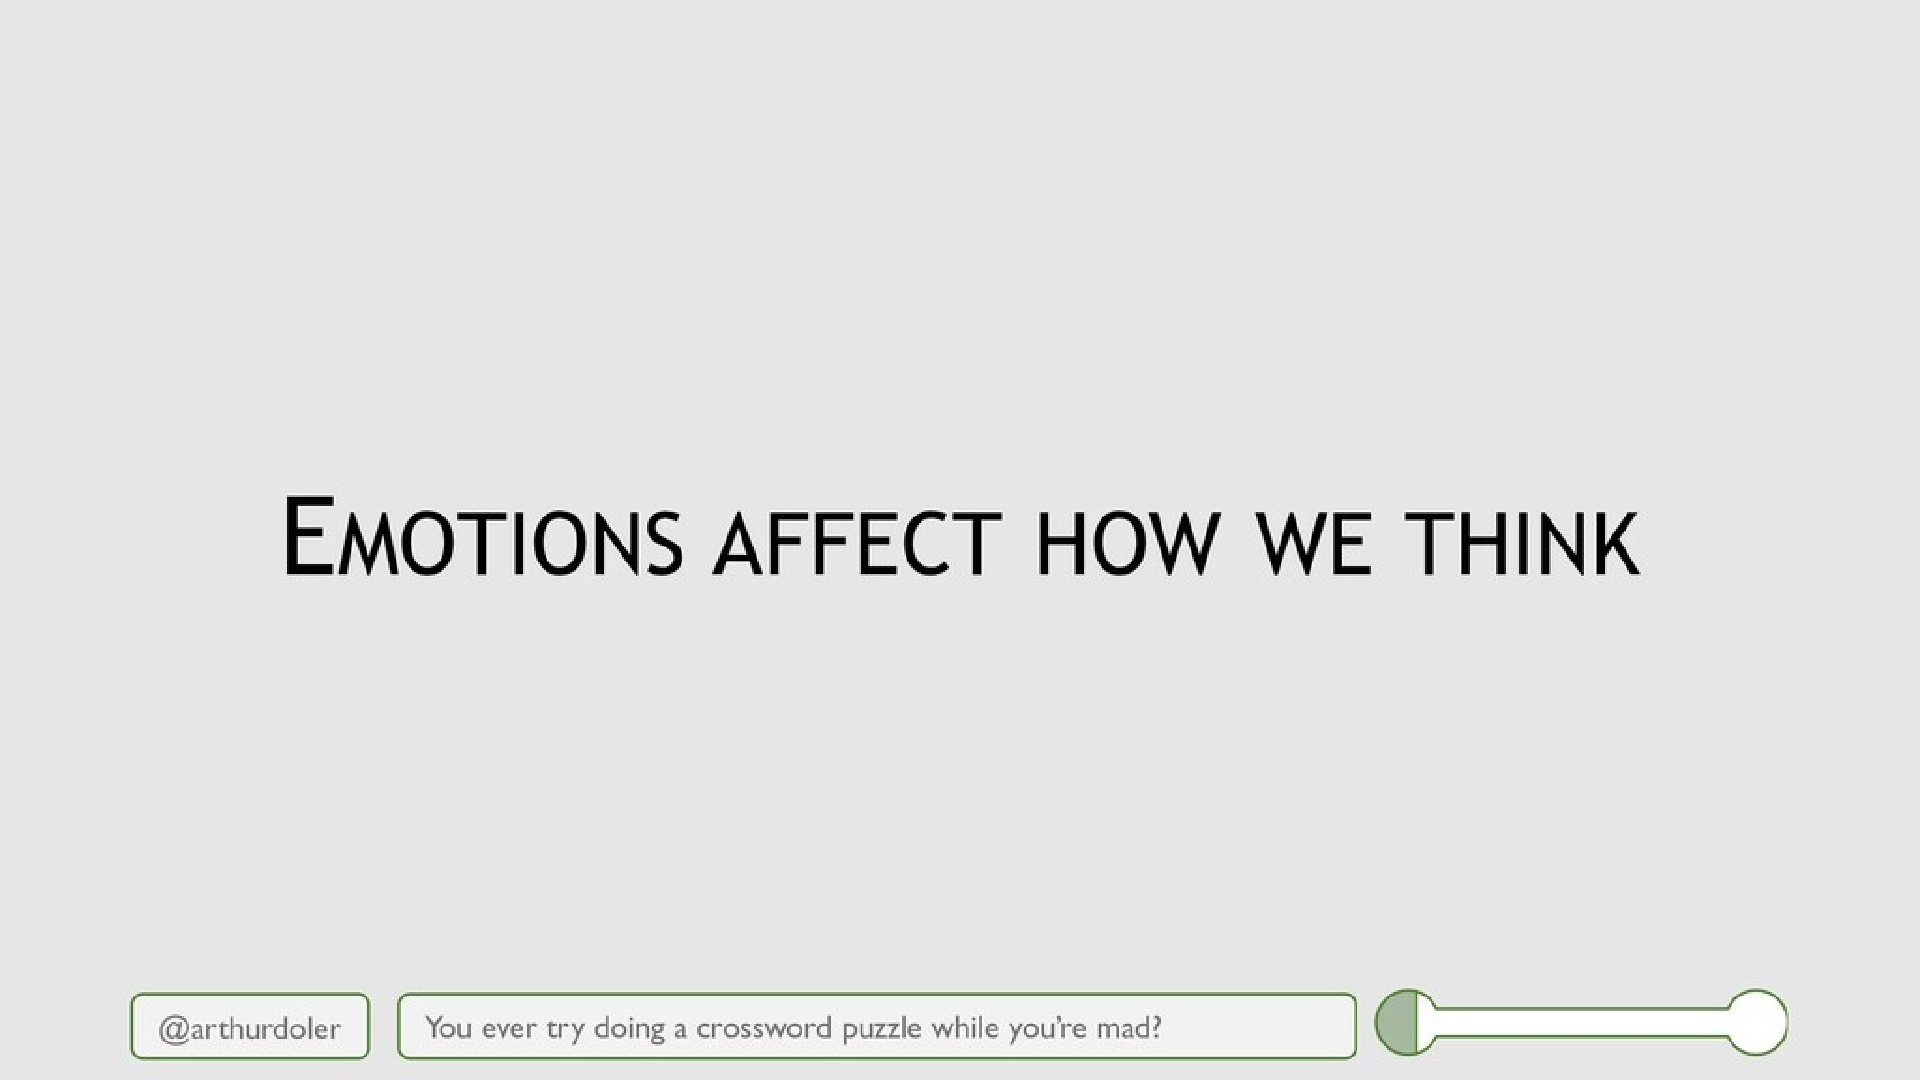 @arthurdoler EMOTIONS AFFECT HOW WE THINK You e...